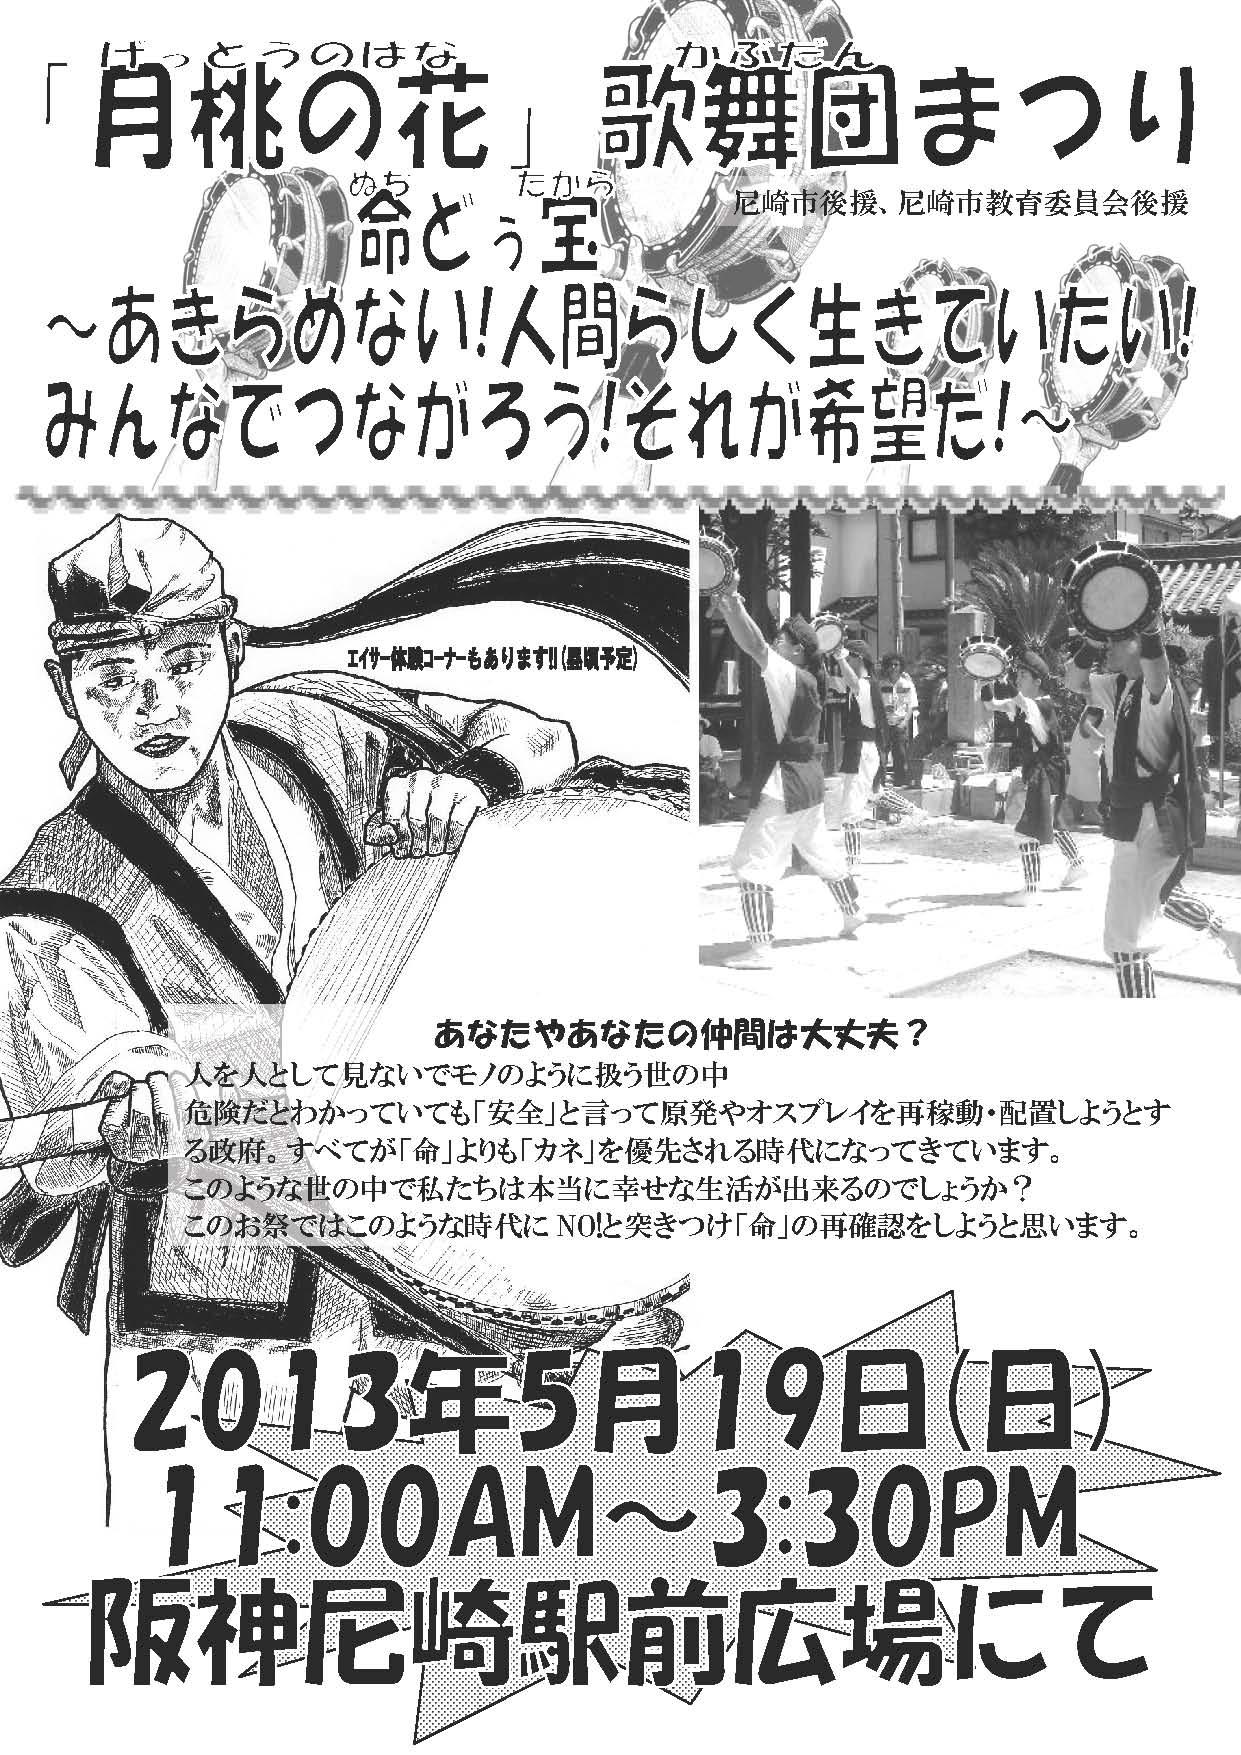 歌舞団まつりチラシ-2